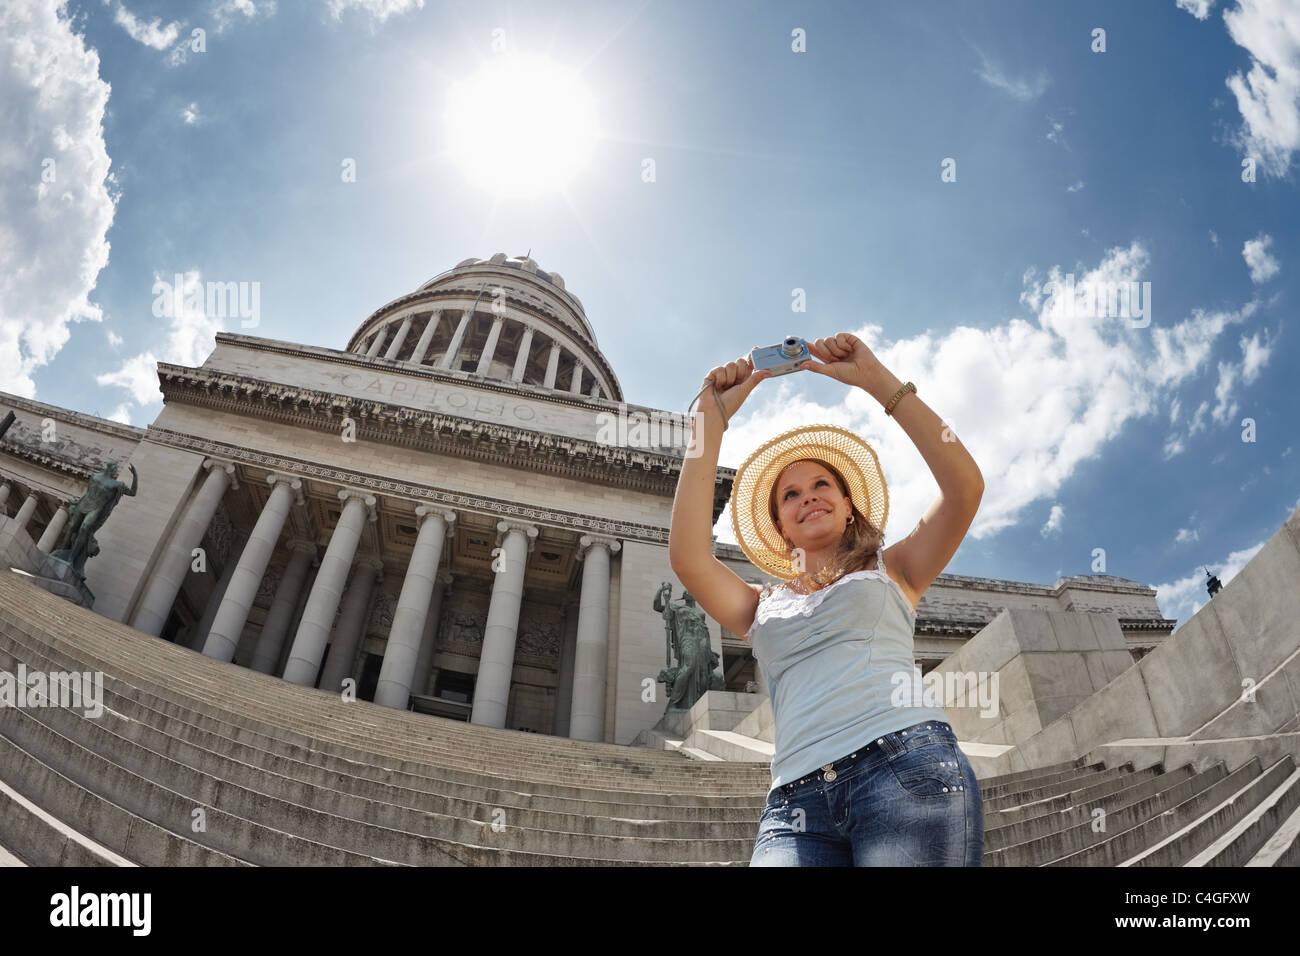 junge blonde Frau unter Bild mit Digitalkamera in Havanna, Kuba. Horizontale Form, Taille bis niedrigen Winkel Stockbild